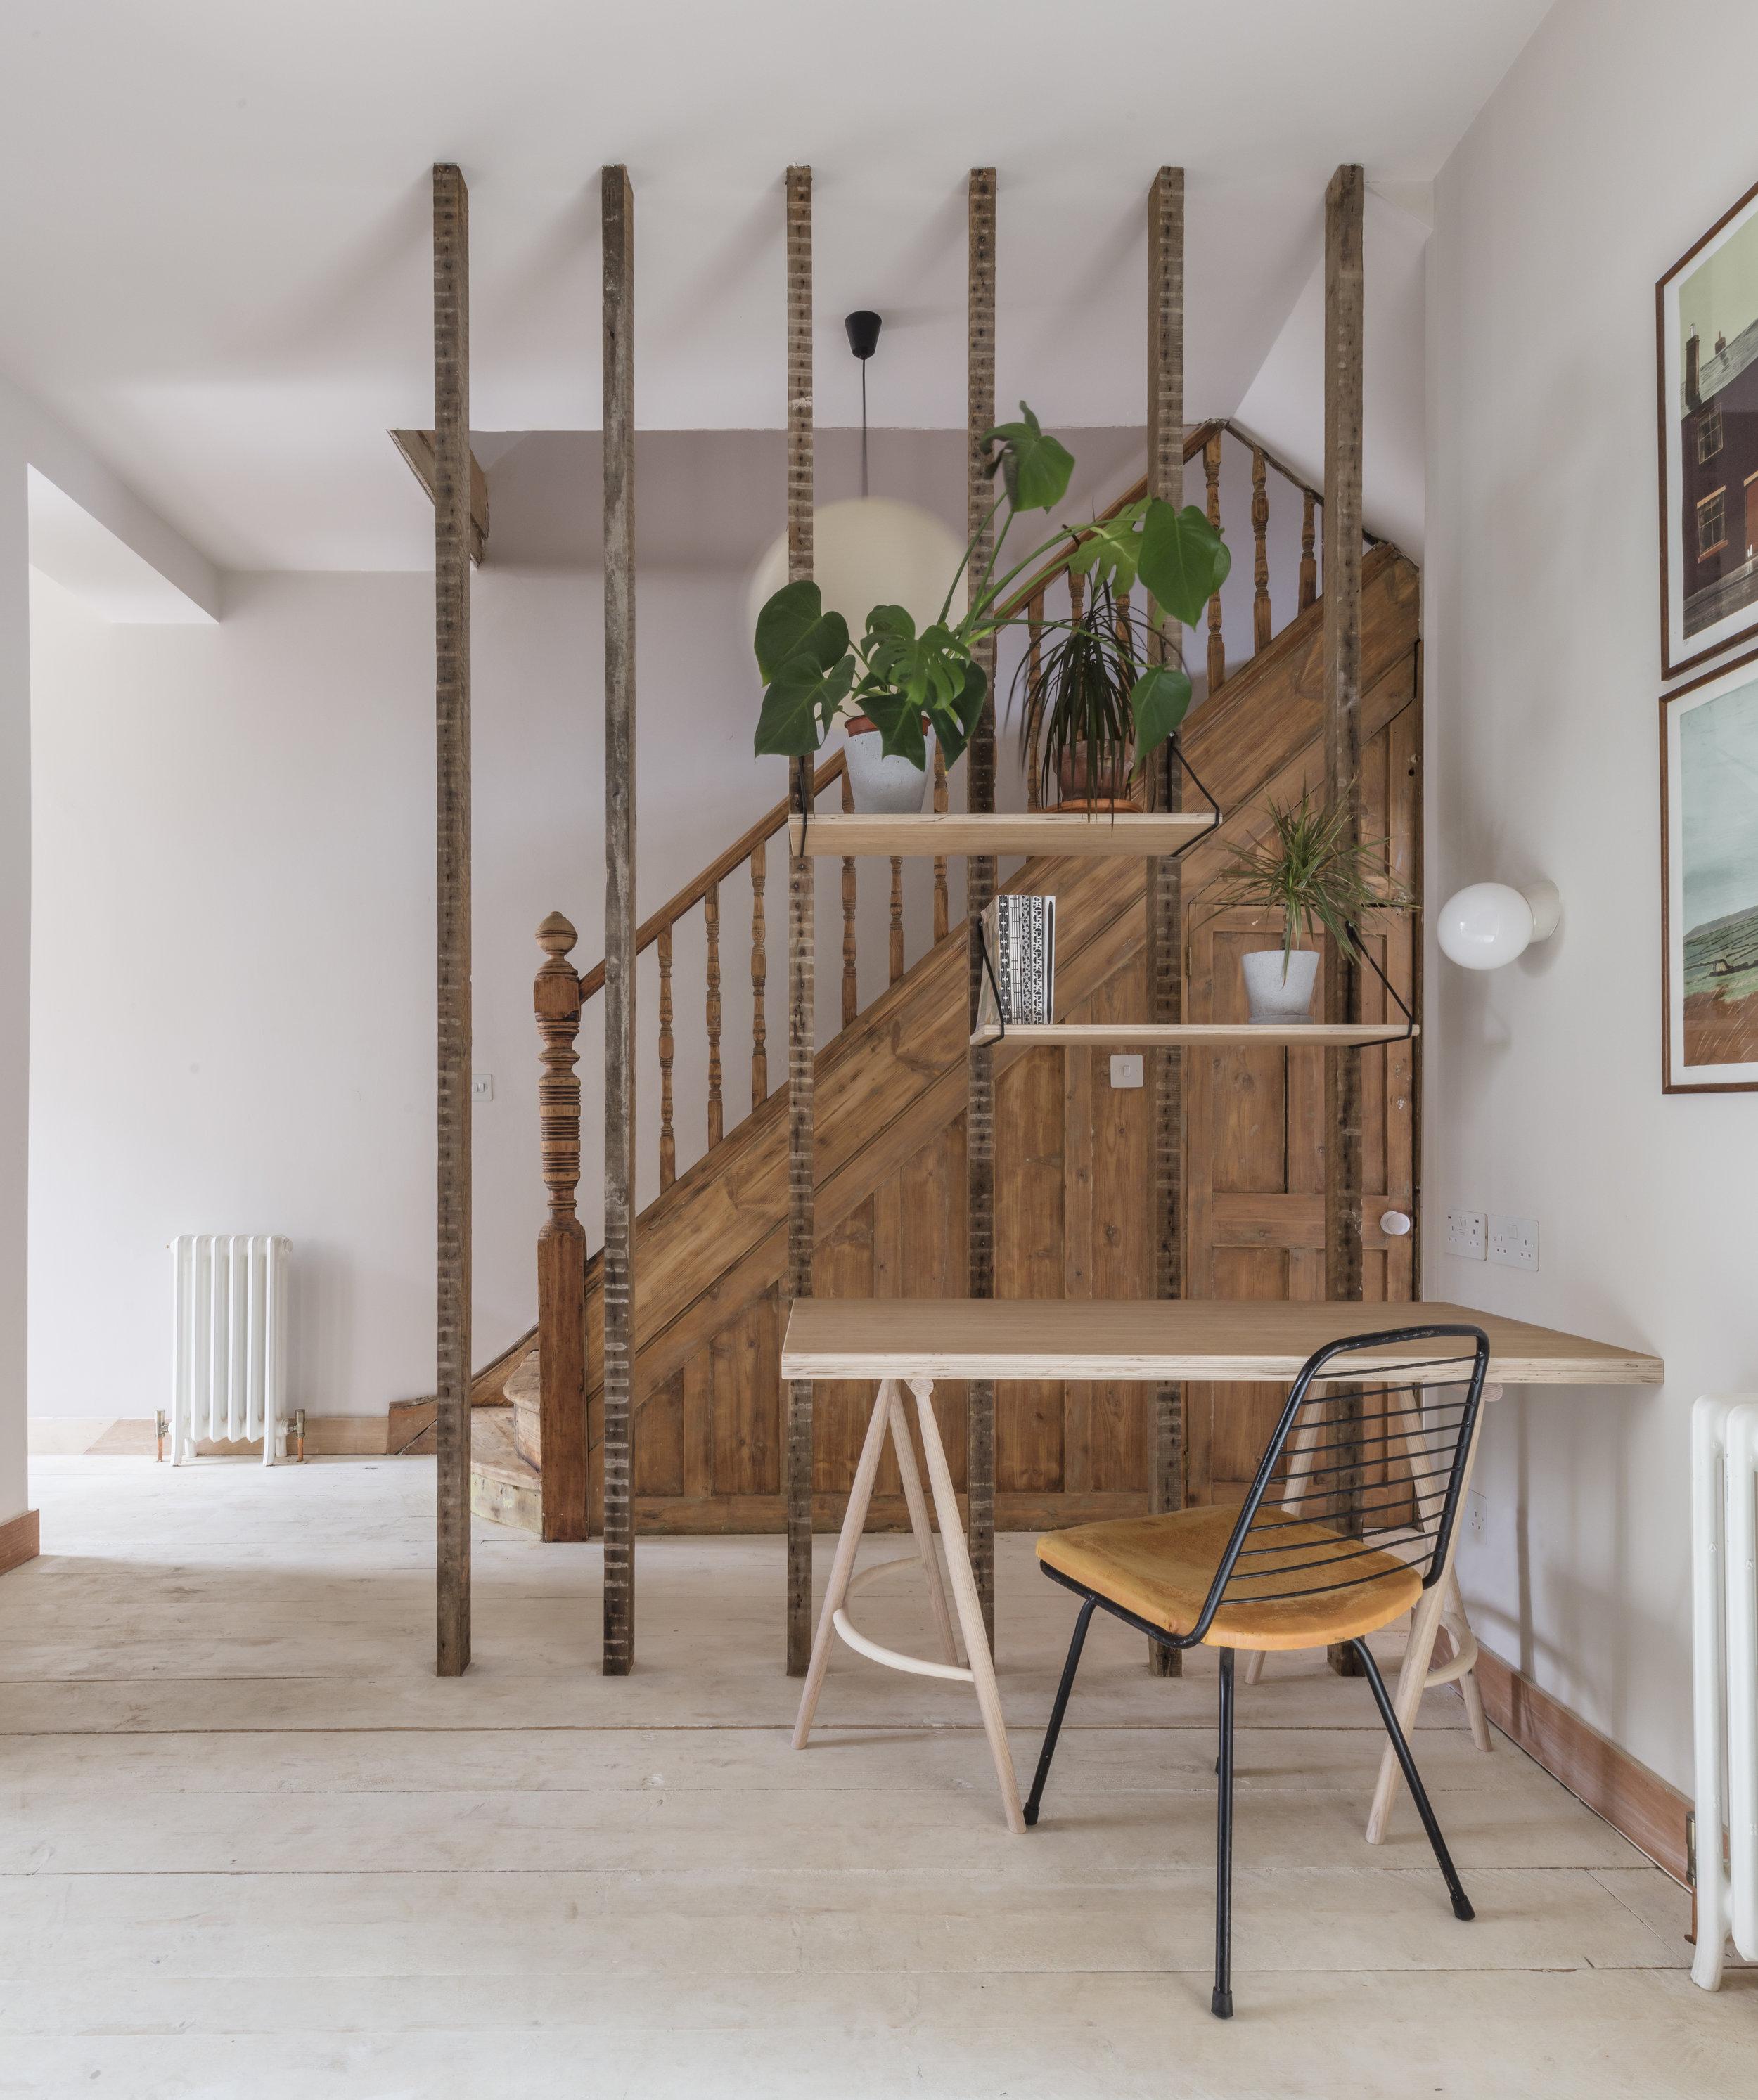 SAAW - Terrazzo House-30 © Nicholas Worley.jpg